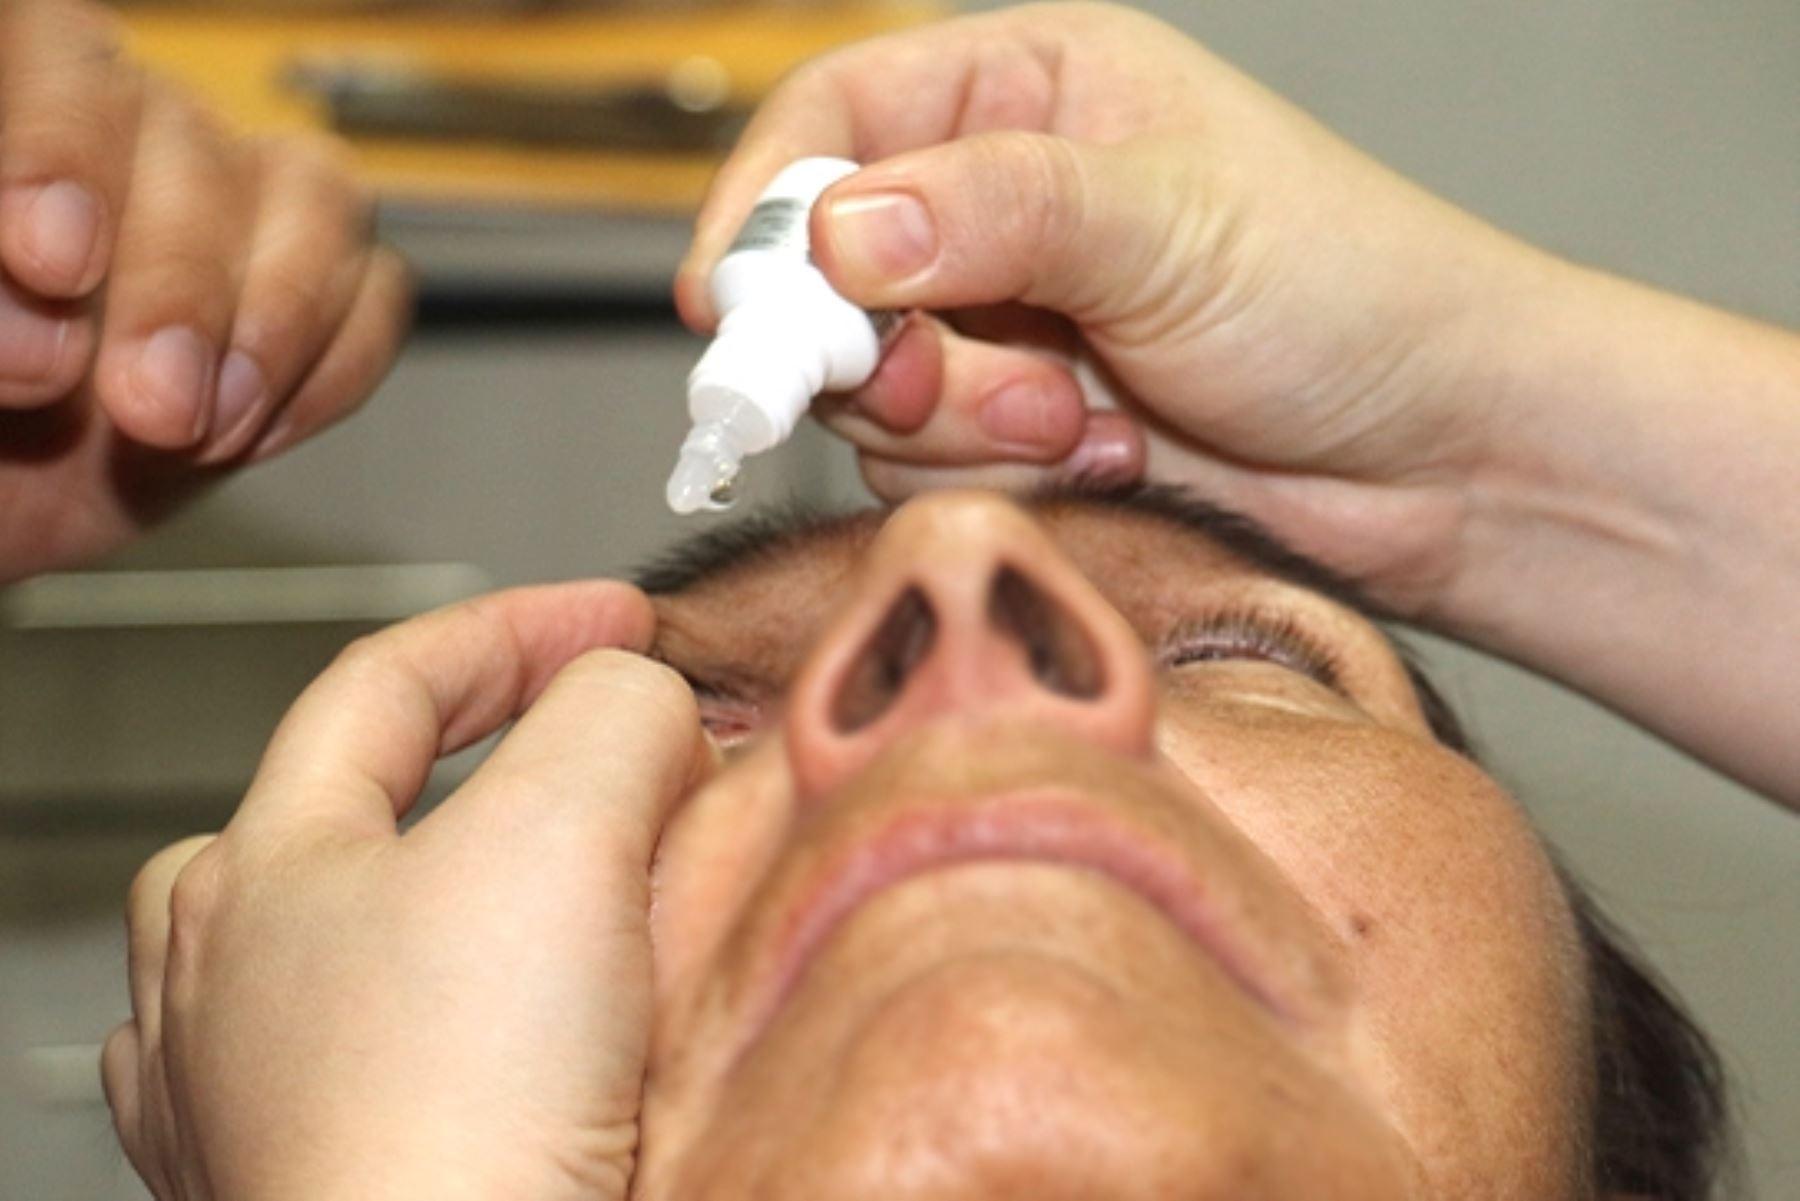 Uso en ojos de medicamentos sin recete puede terminar en pérdida de la visión. Foto: ANDINA/Difusión.